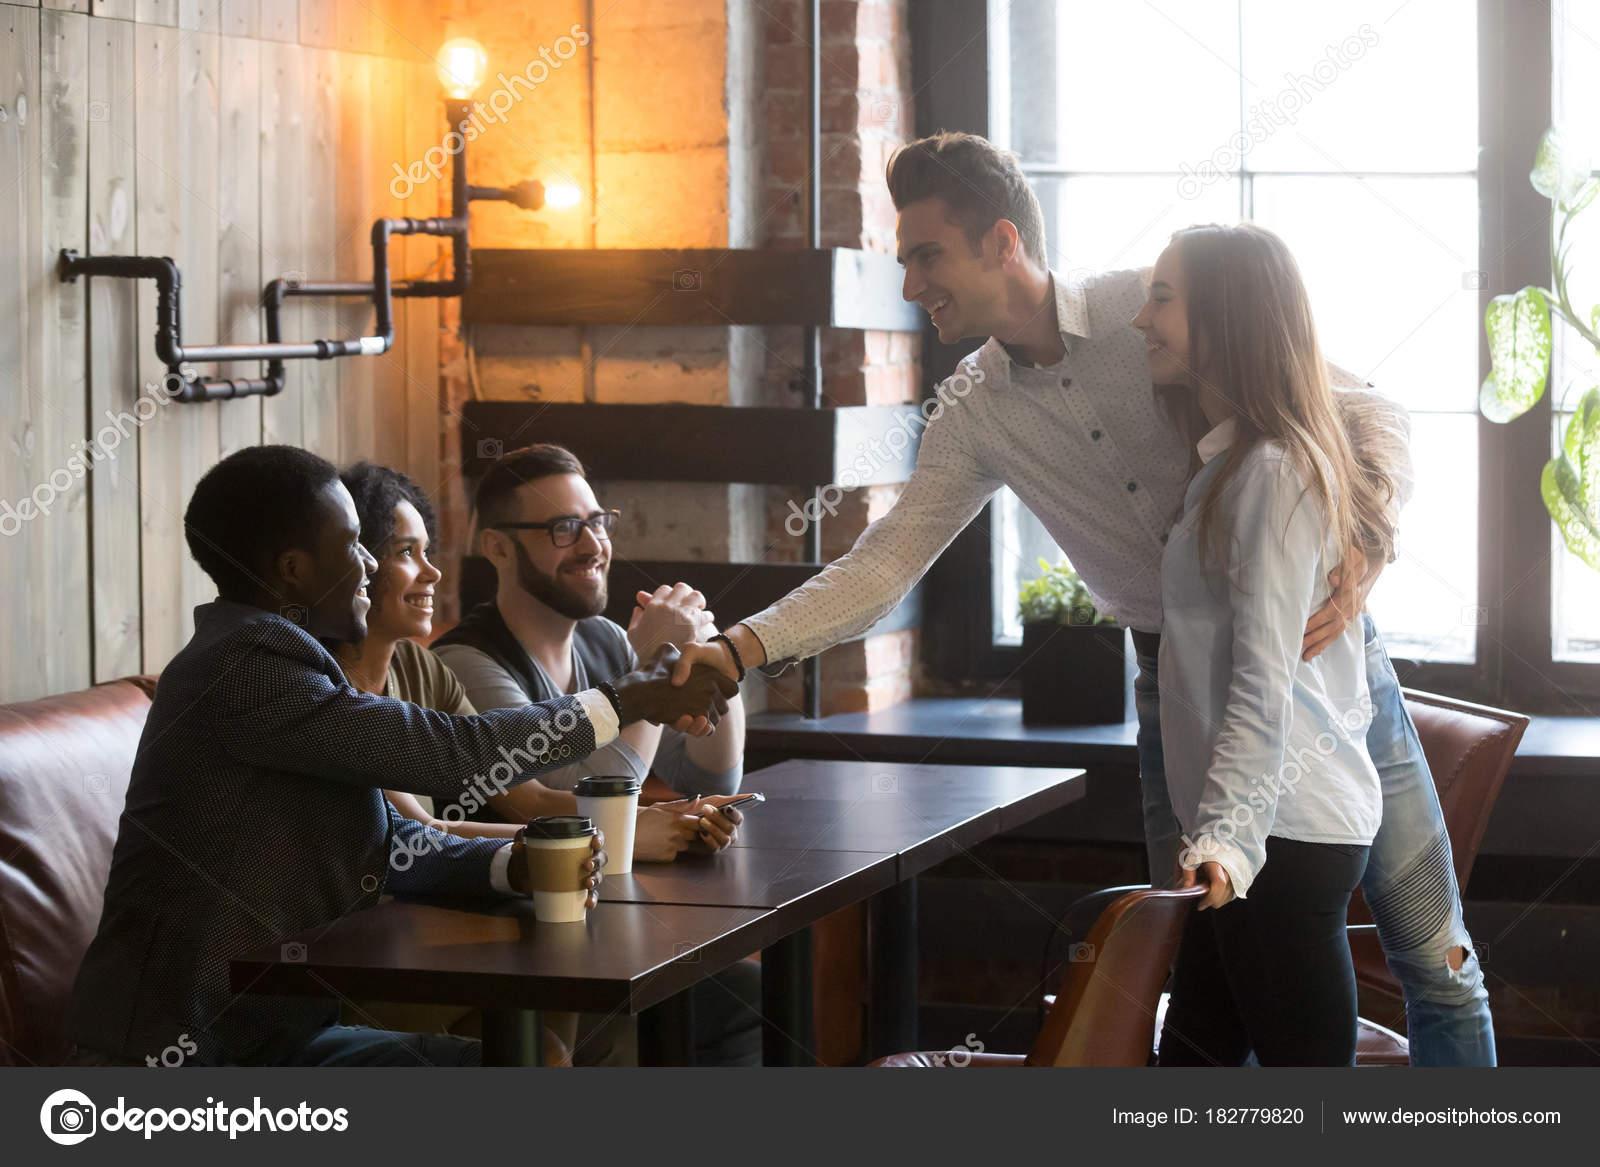 leute im cafe kennenlernen